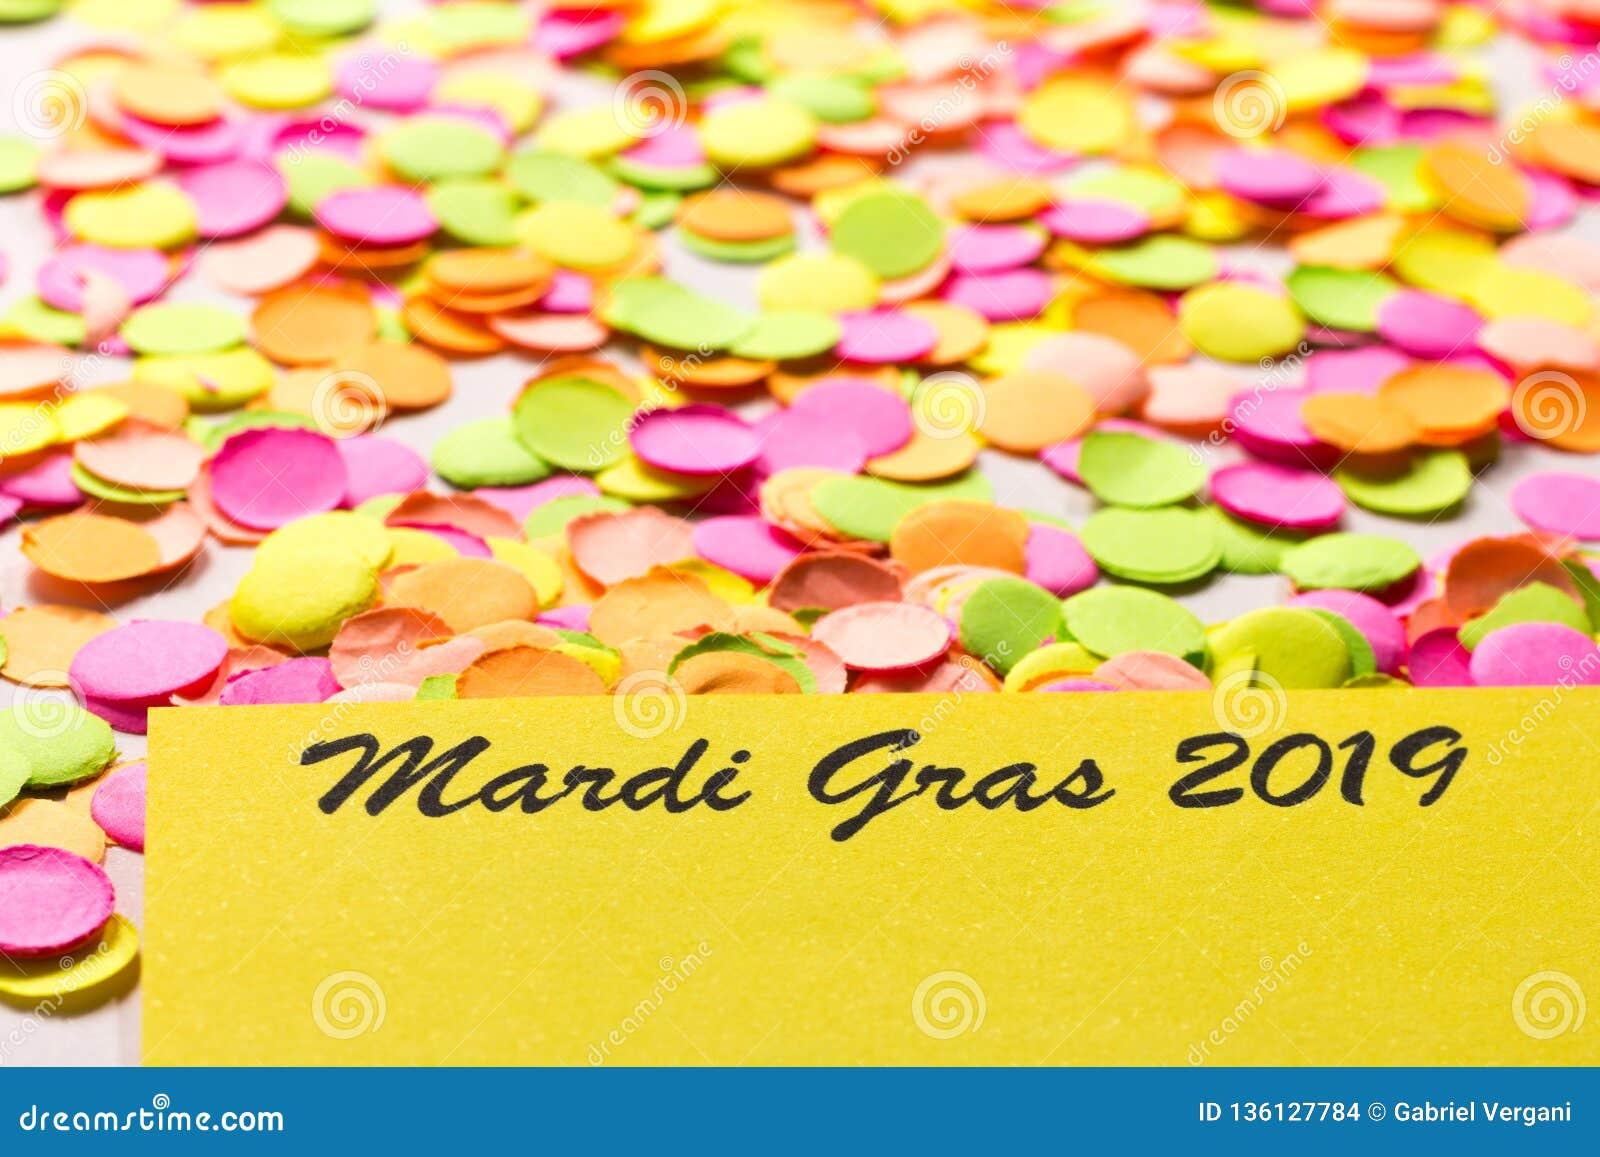 Begrepp för Carnaval partibakgrund Utrymme för text, copyspace Mardi Gras 2019 Färgrik konfettispridning över tabellen